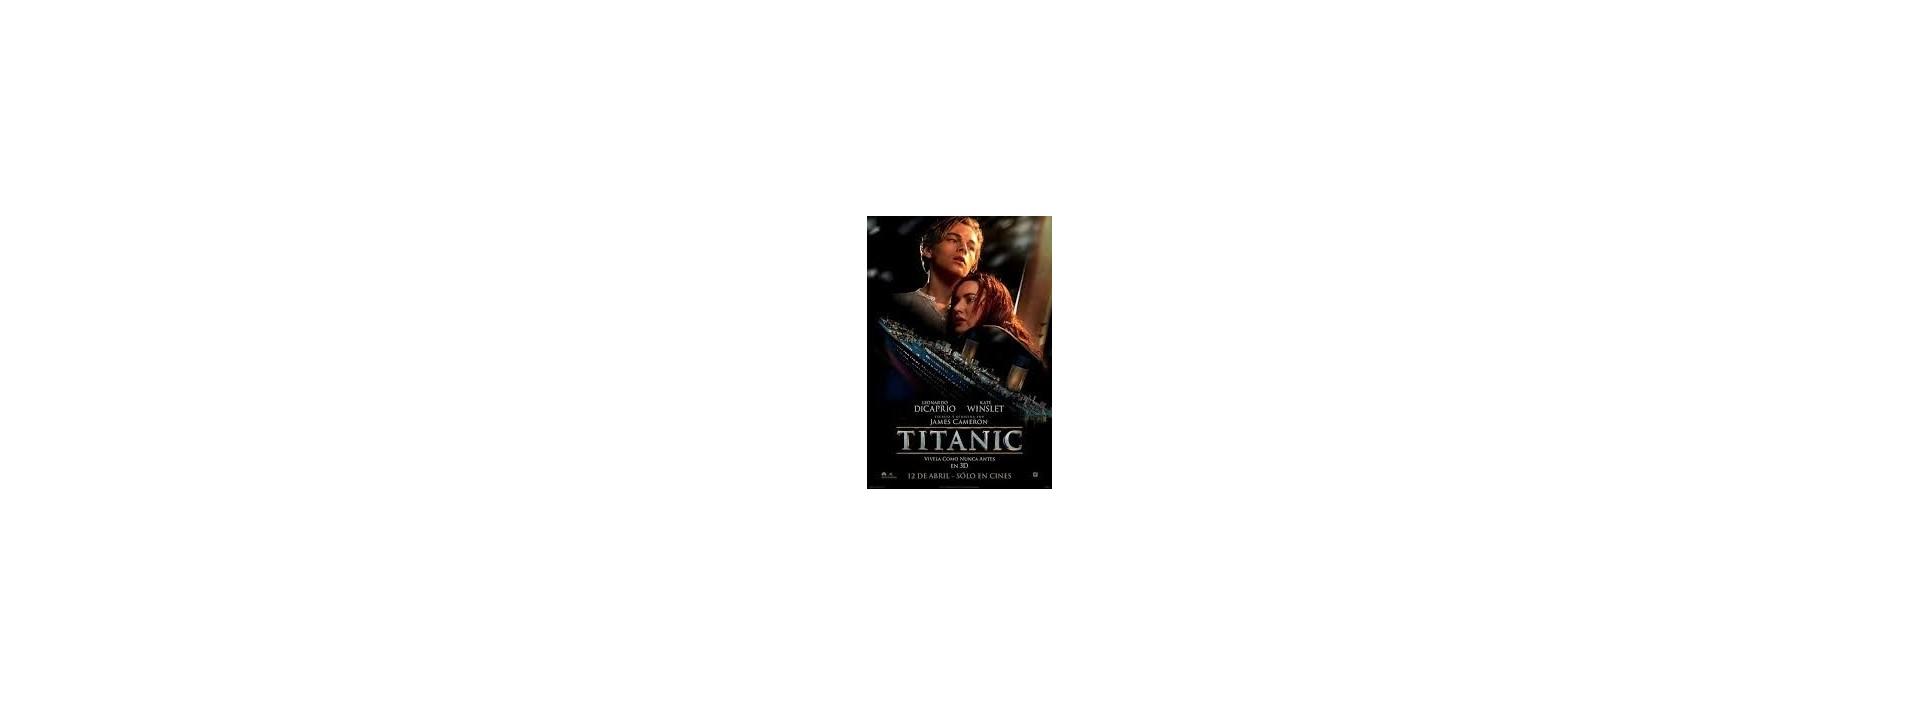 Funko Pop Titanic en Mascromos.com Tu web de cromos y Funko Pop online